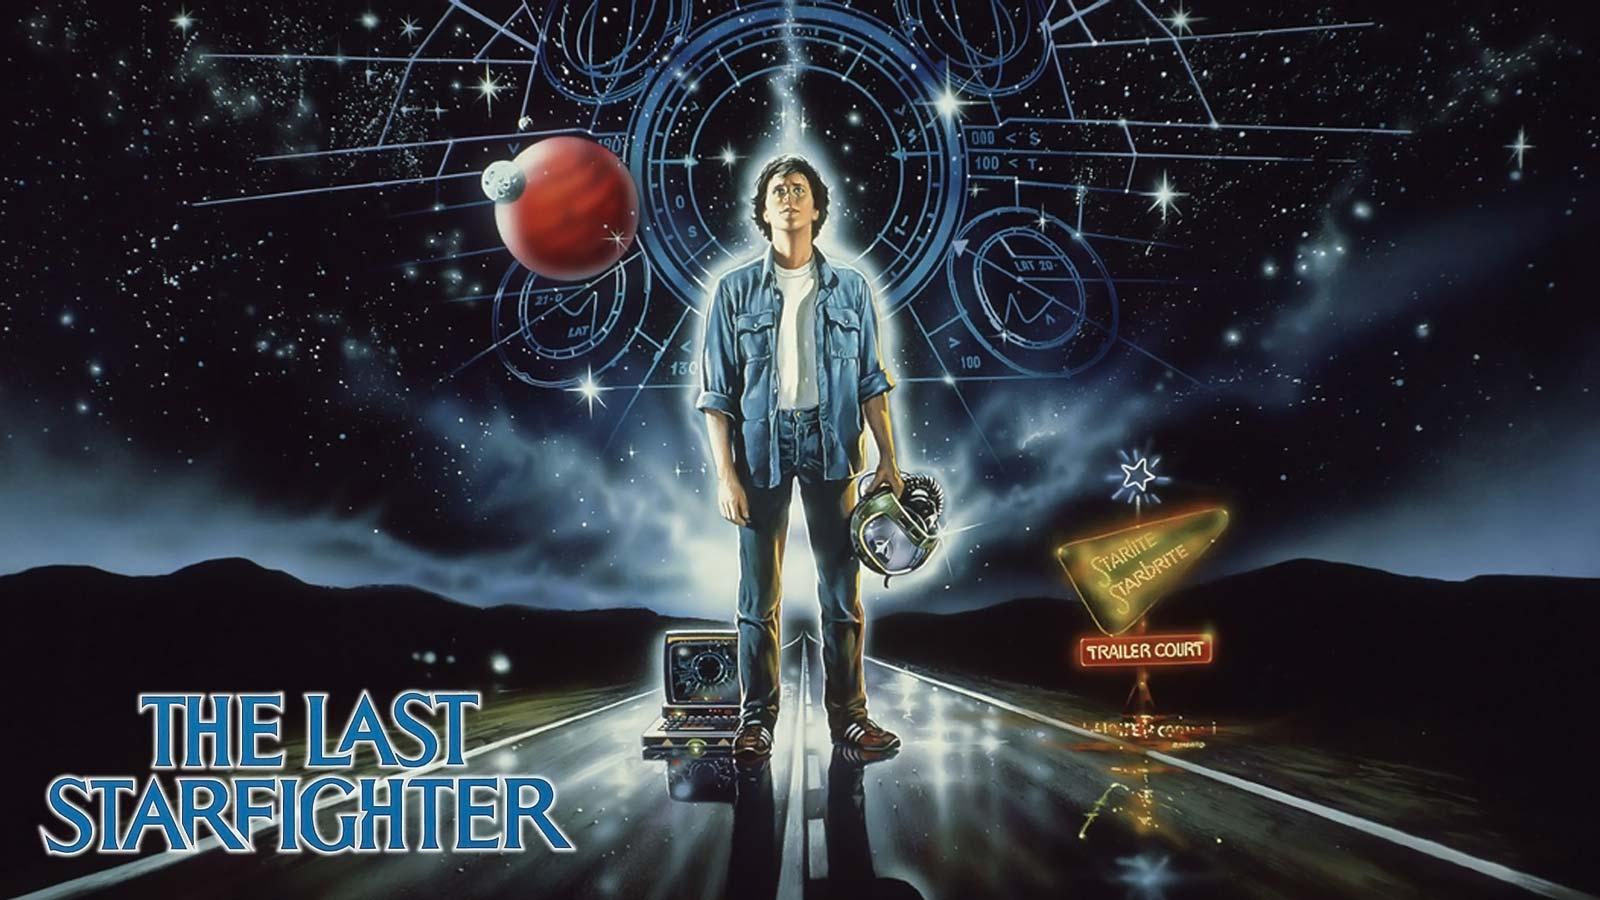 thelaststarfighter